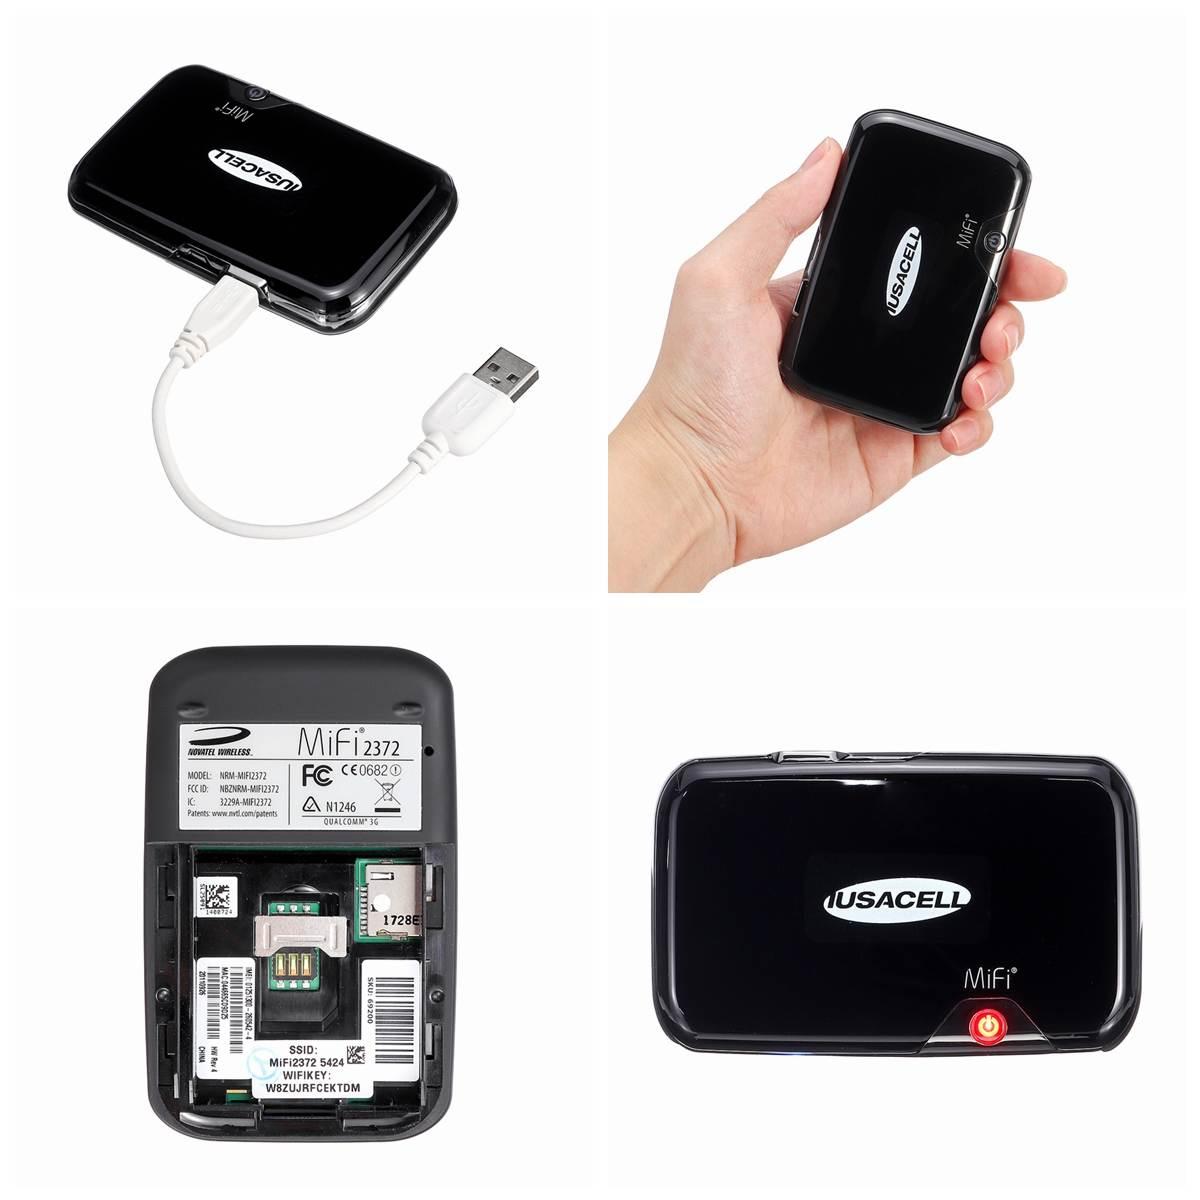 Image 4 - MF2372 3g карманы Wi Fi маршрутизатор Портативный автомобиль мобильный Wifi беспроводная точка доступа широкополосный unlockeds модем 850/900/1800/1900/2100 МГц-in Беспроводные маршрутизаторы from Компьютер и офис